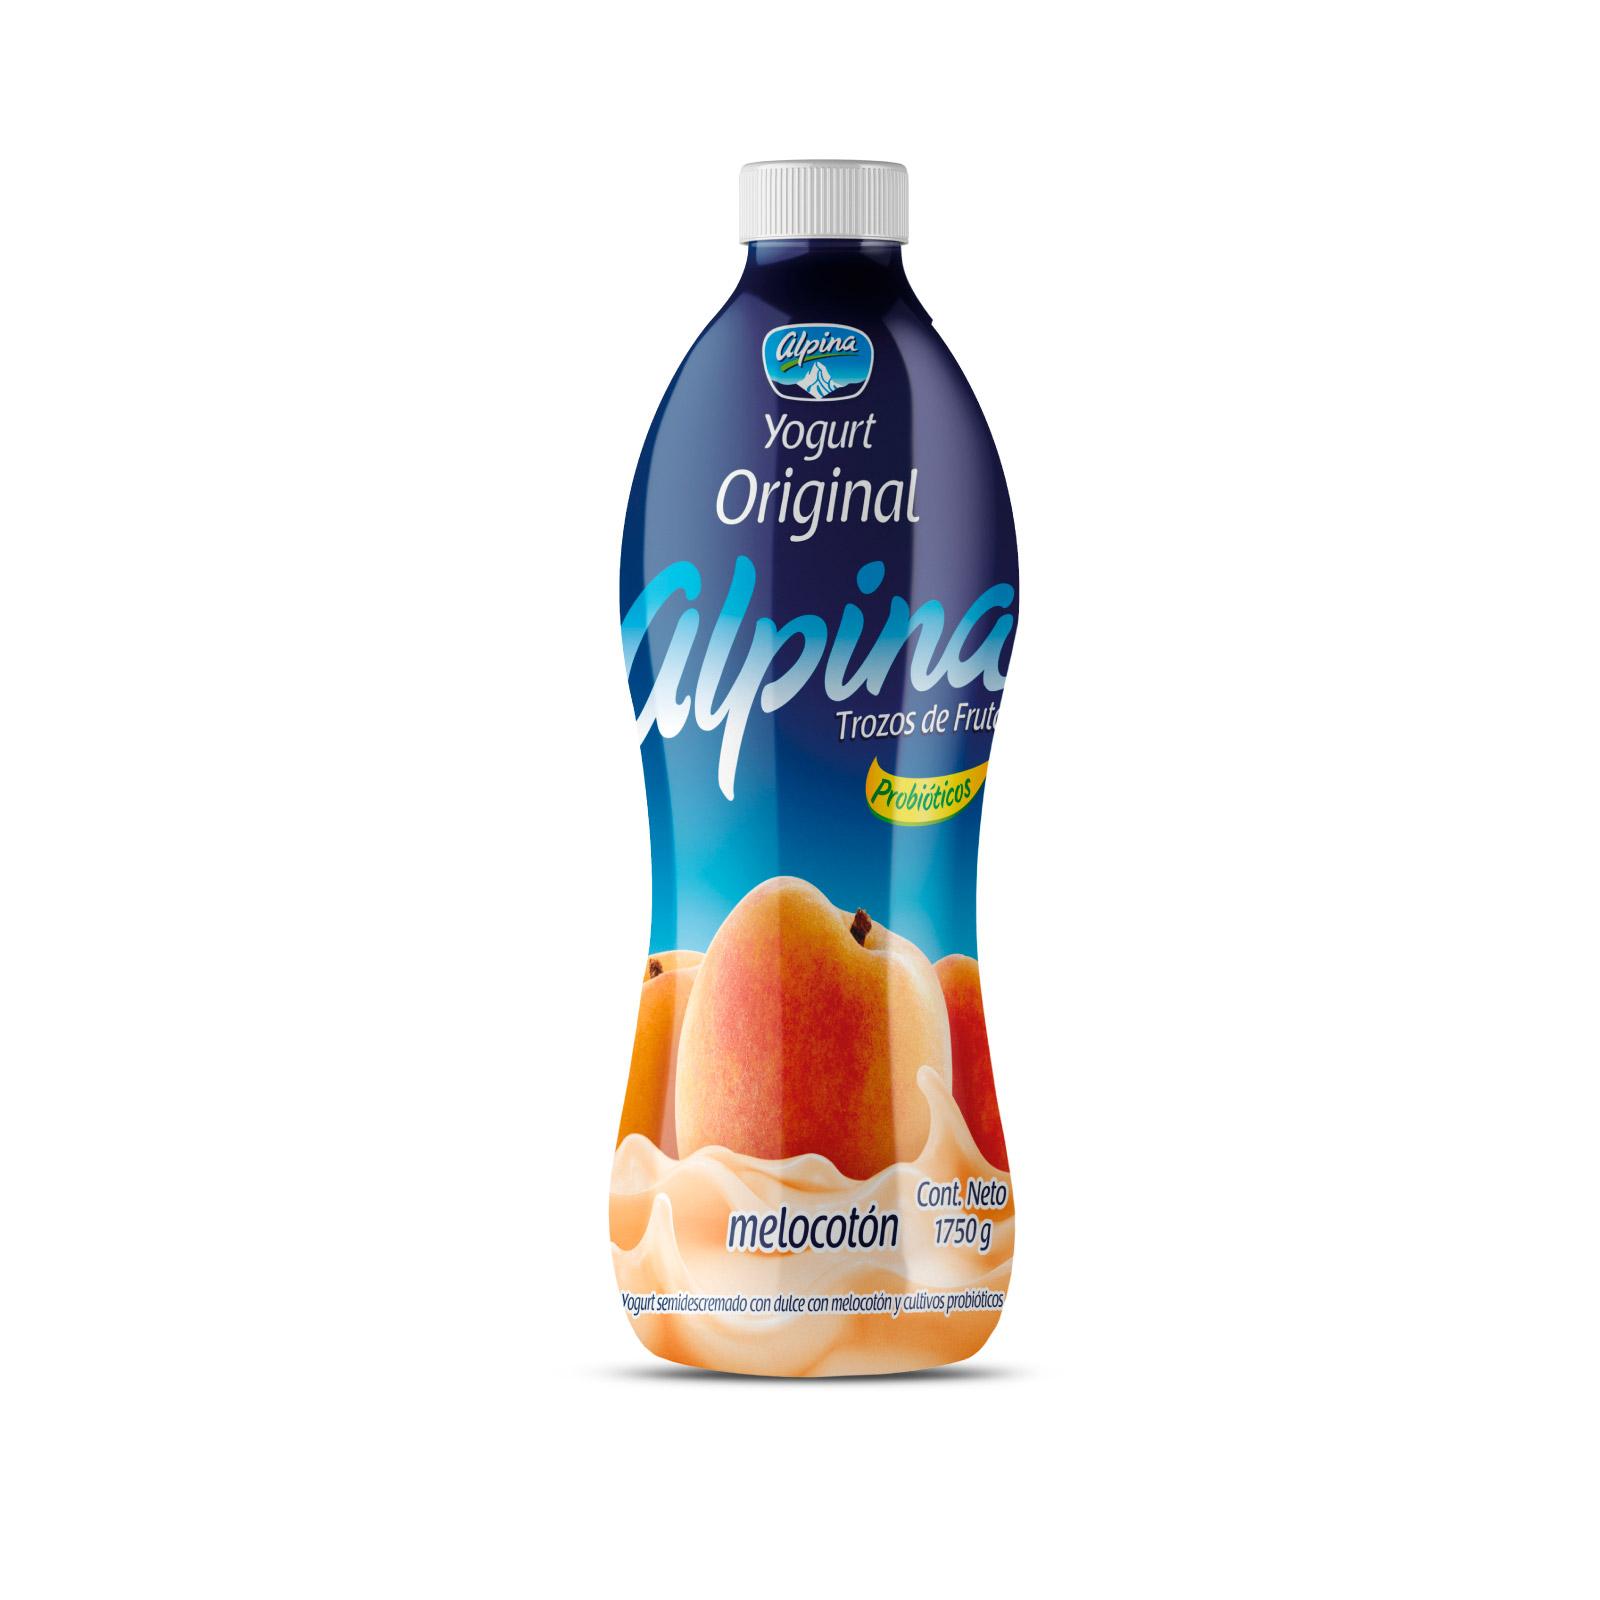 Yogurt Alpina Original Melocotón En Botella